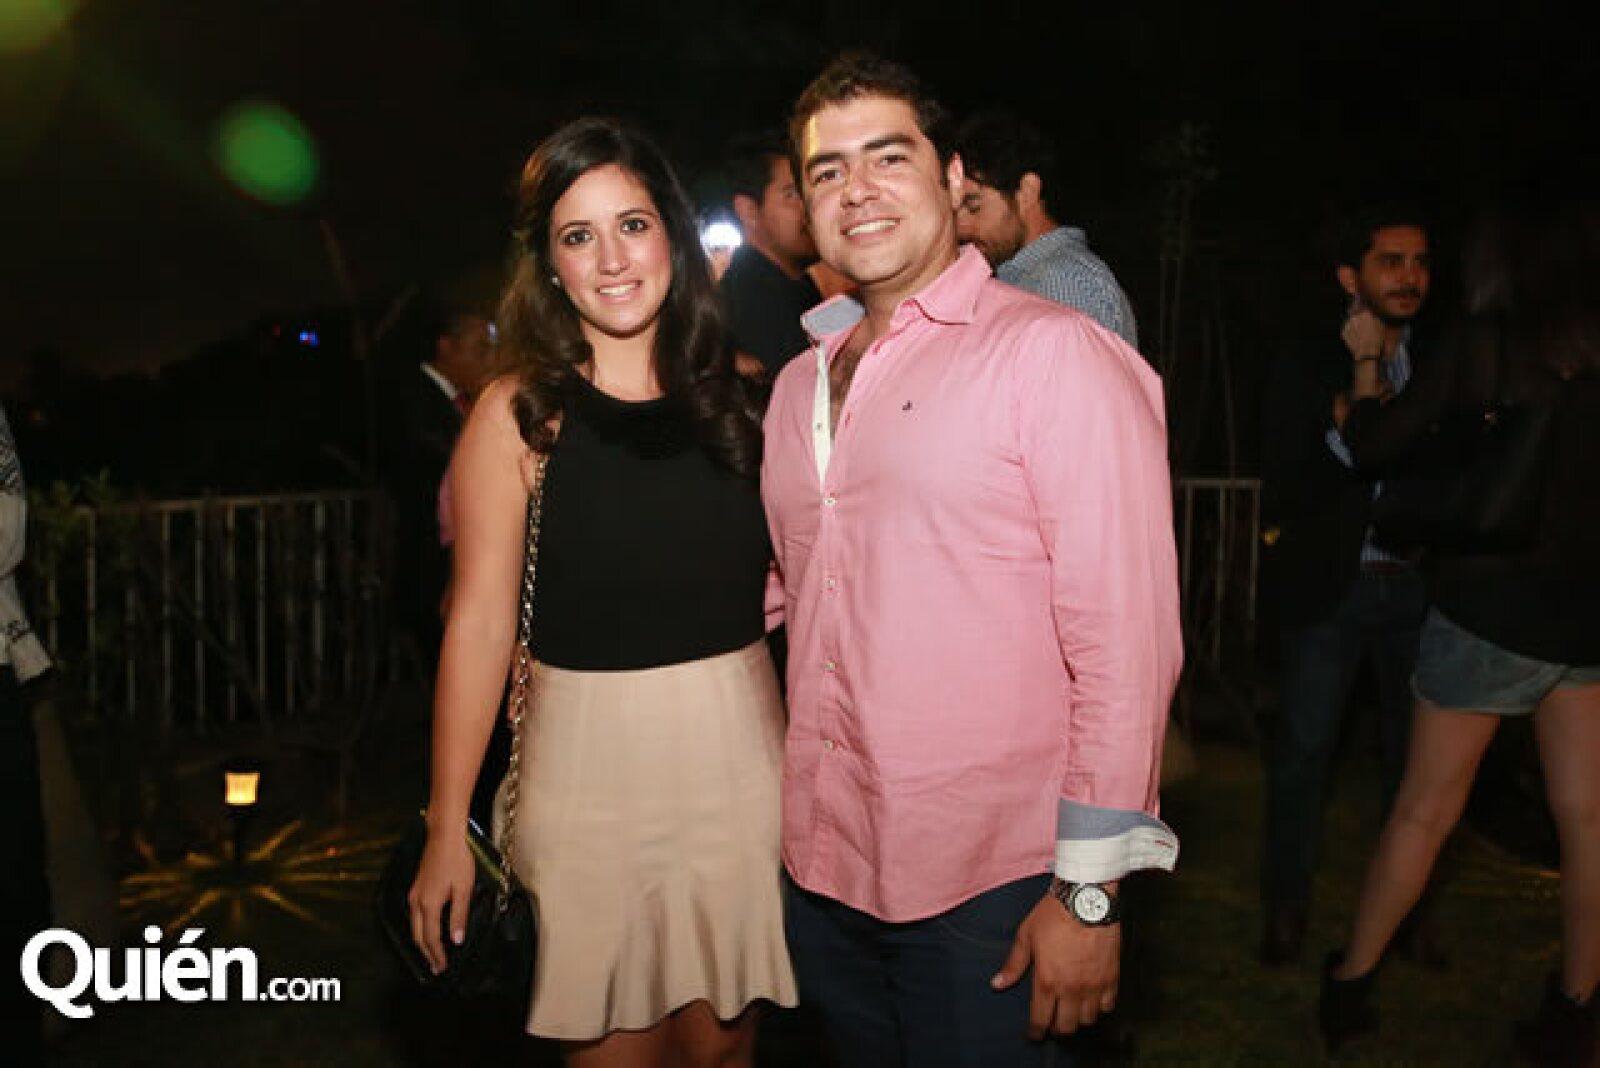 Fer Romero y Juan Carlos Govela